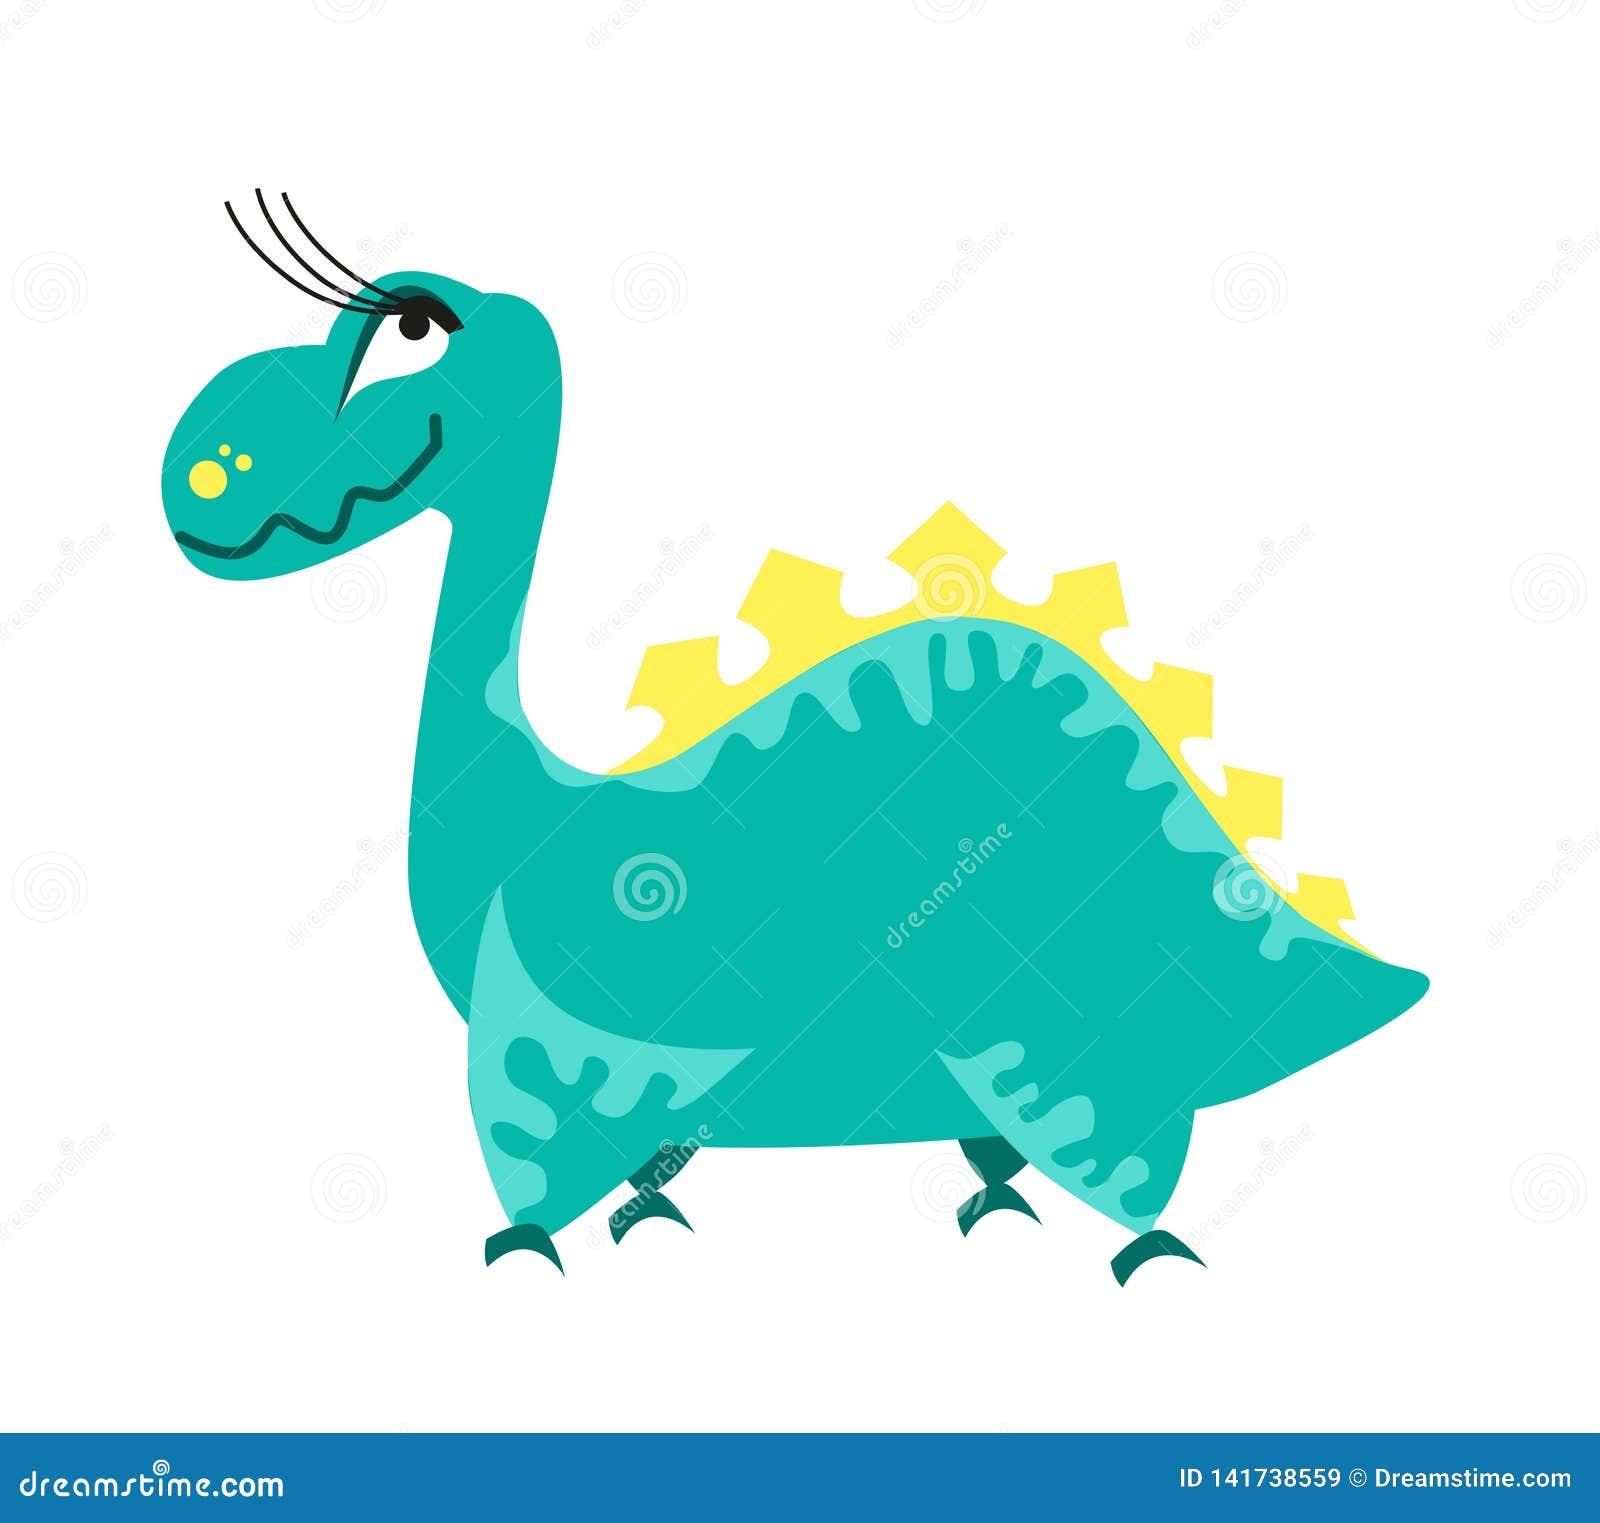 Cute green dinosaur. Cartoon dino. Vector illustration.